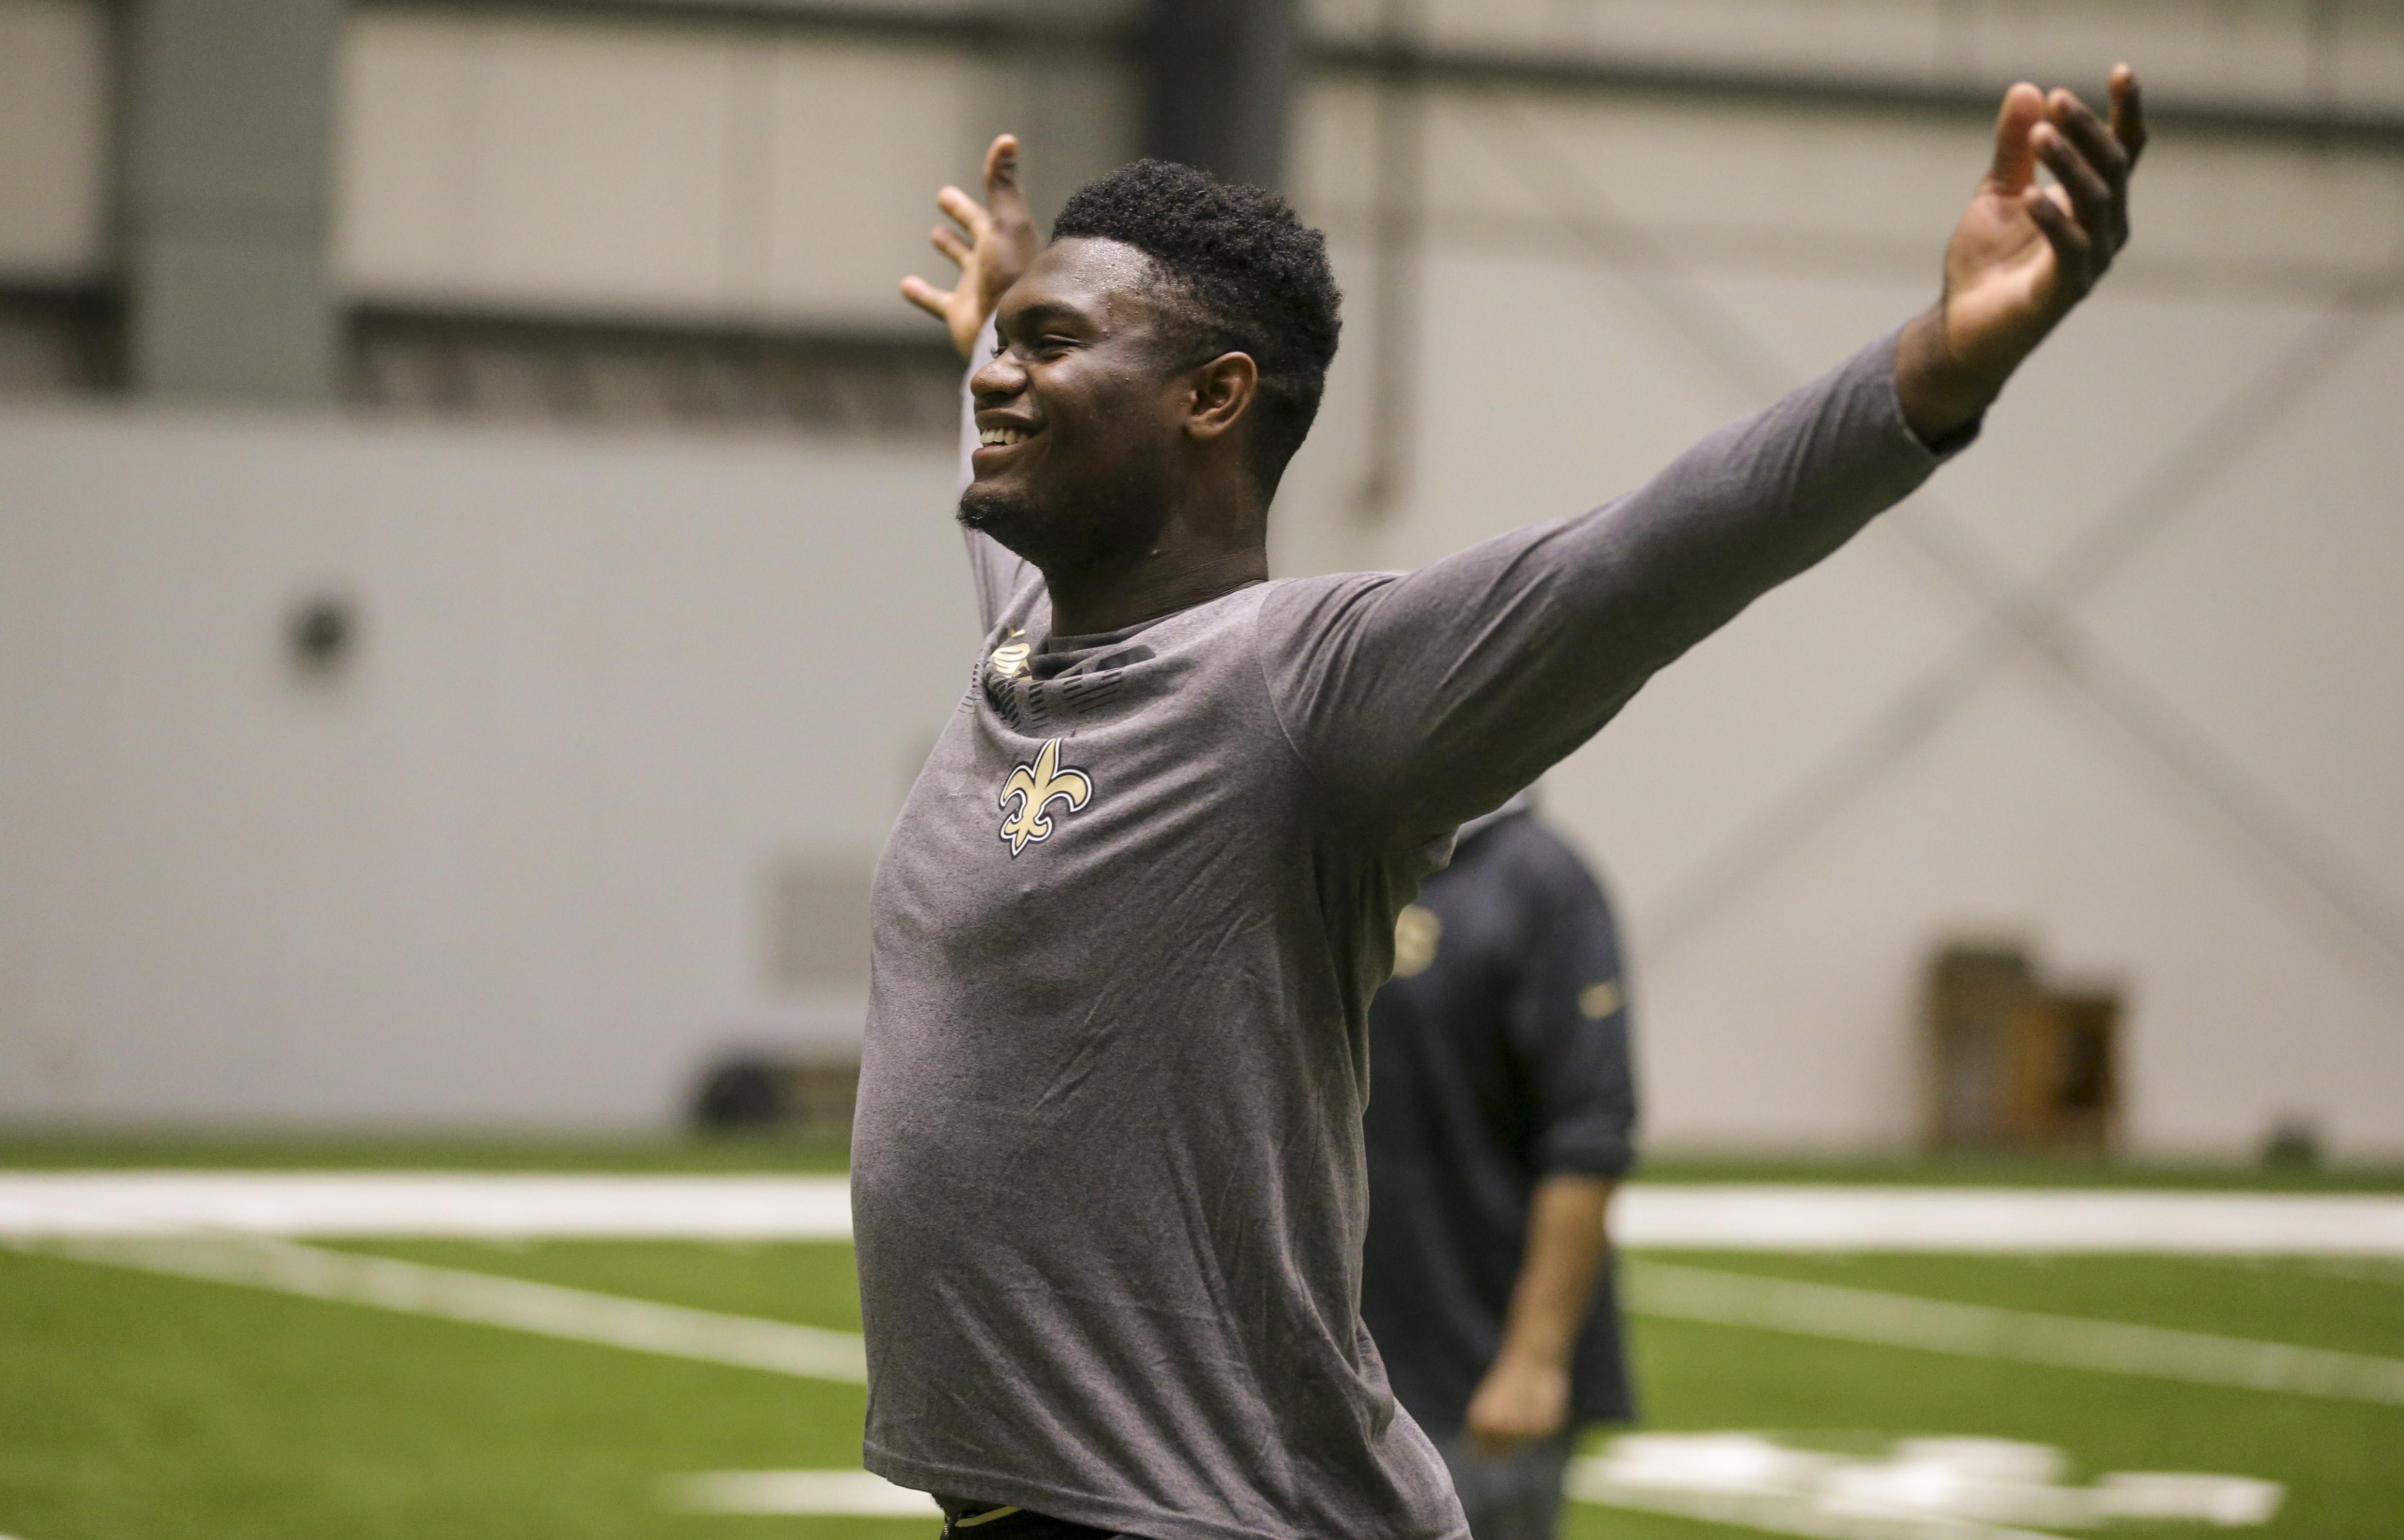 New Orleans Pelicans player joins Saints Quarterback Competition